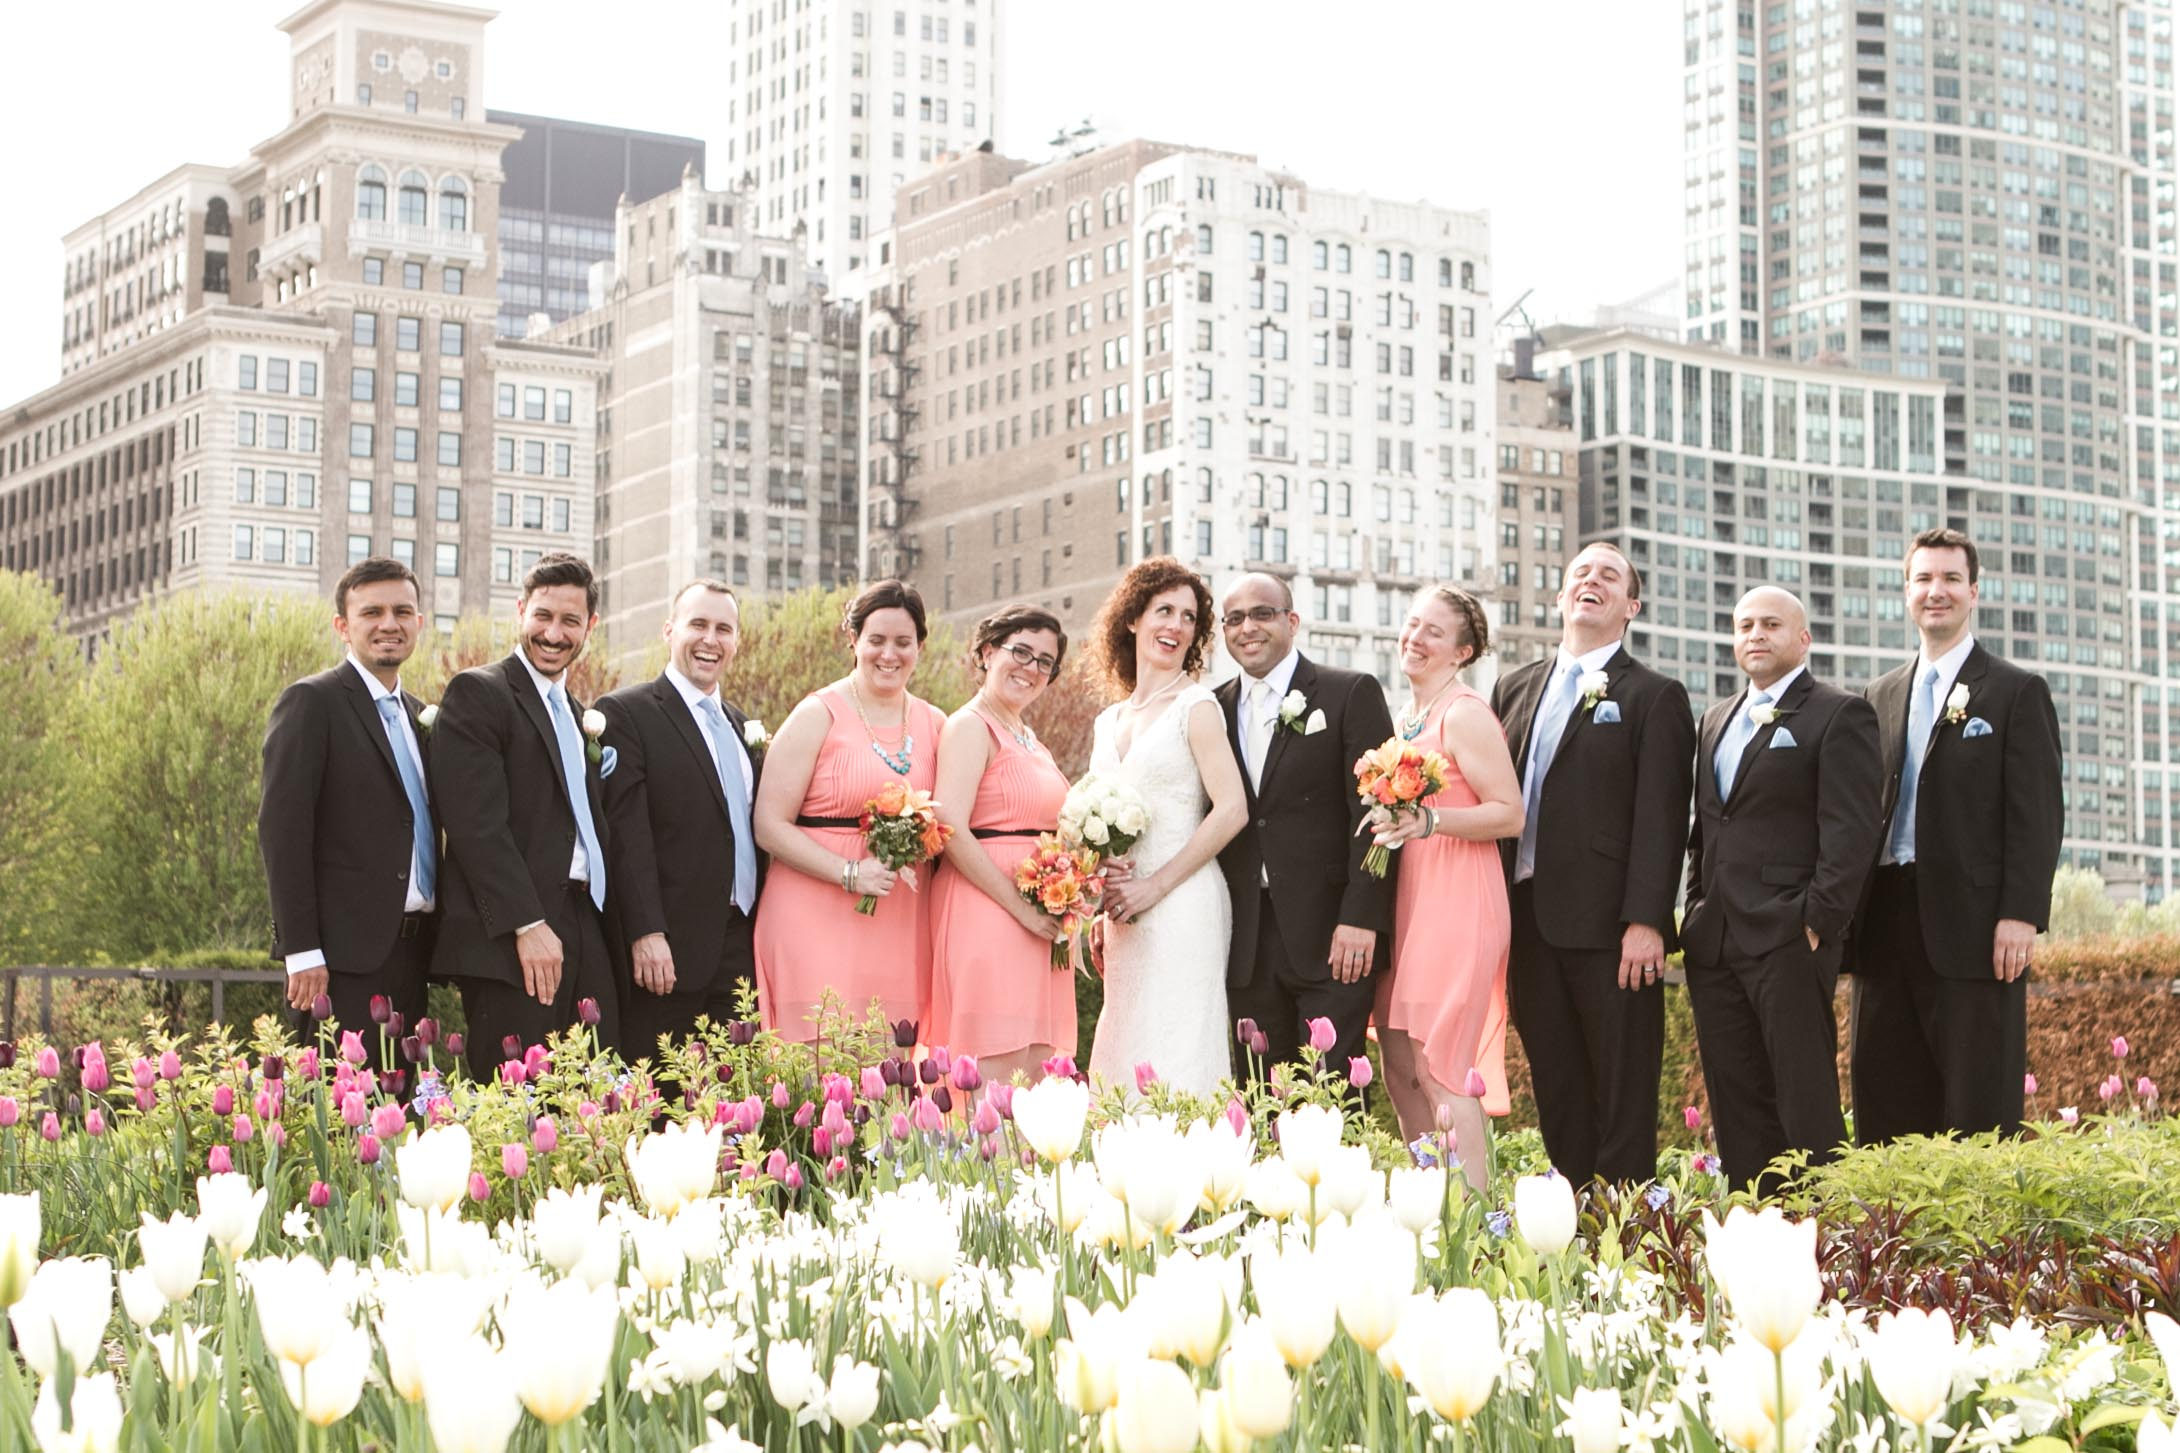 trish & ric wedding blog-0873.jpg